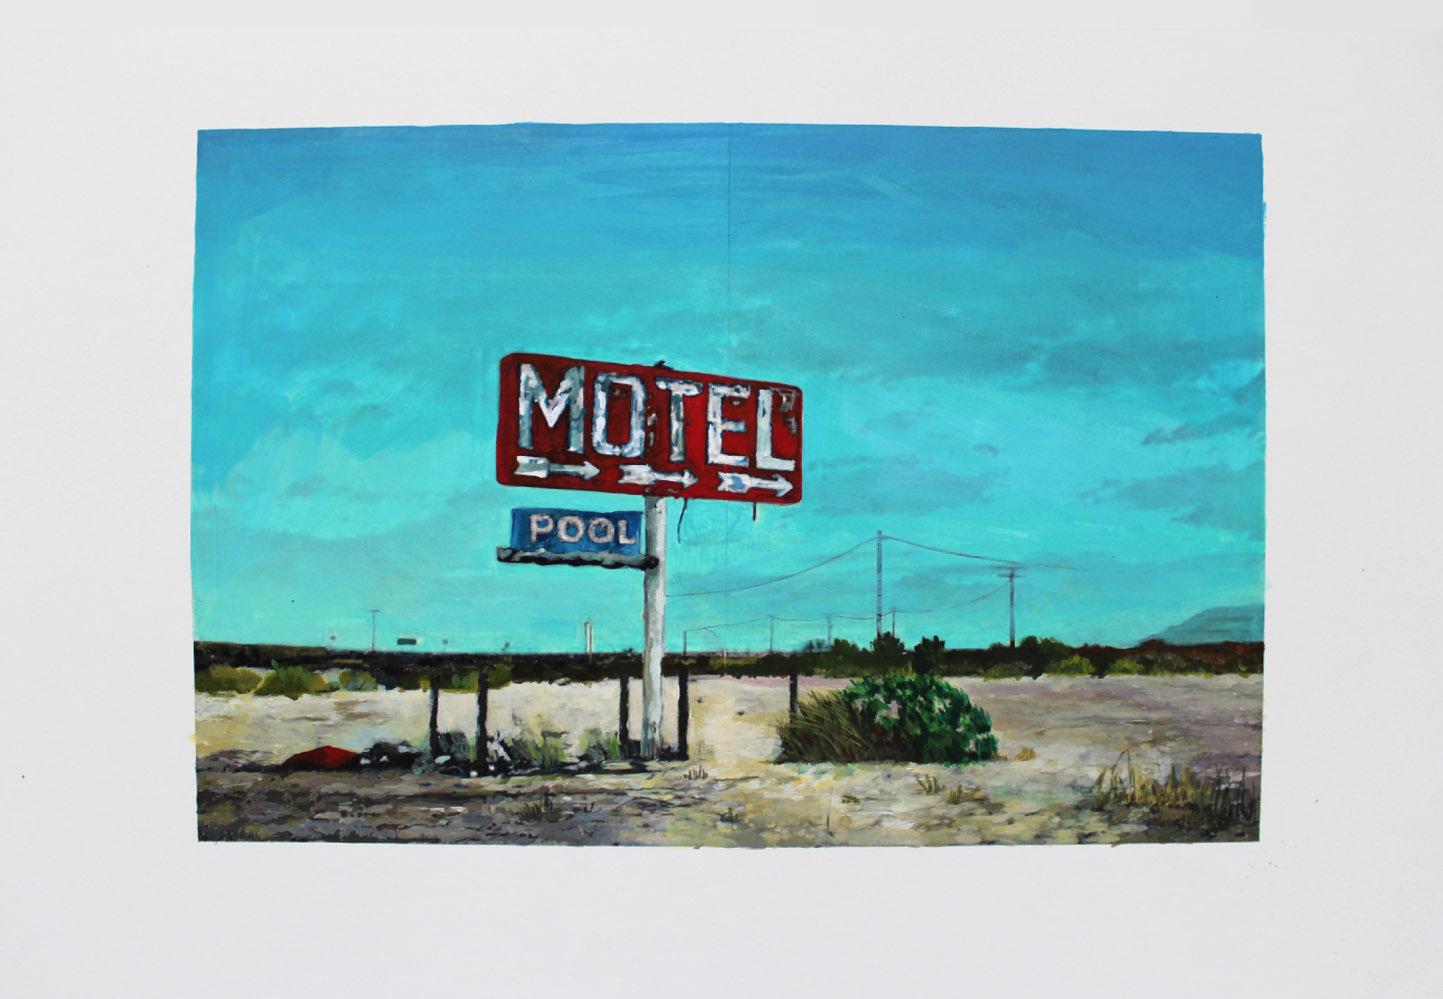 Julie Giraud, Motel, peinture acrylique sur papier Fabriano, 58 x 43 cm